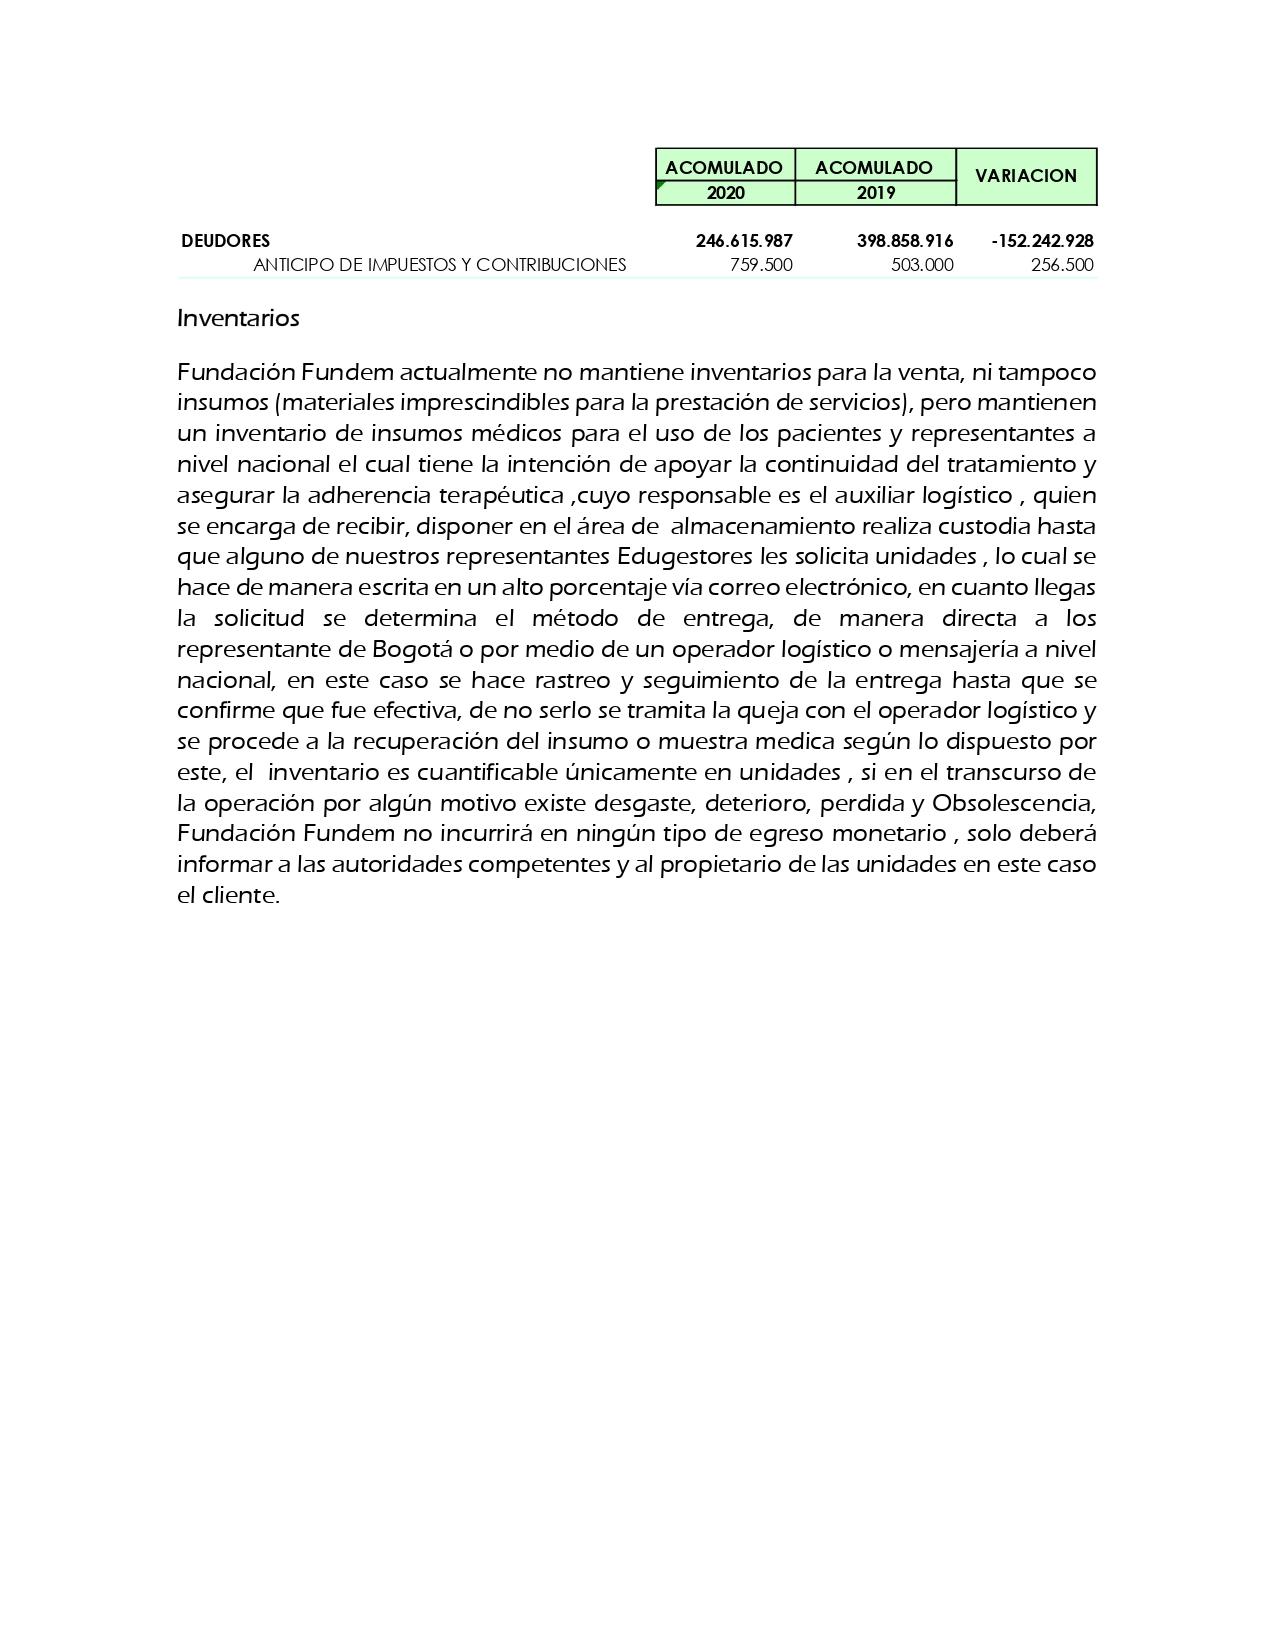 Estados Financieros Fundacion Fundem 2020_page-0018